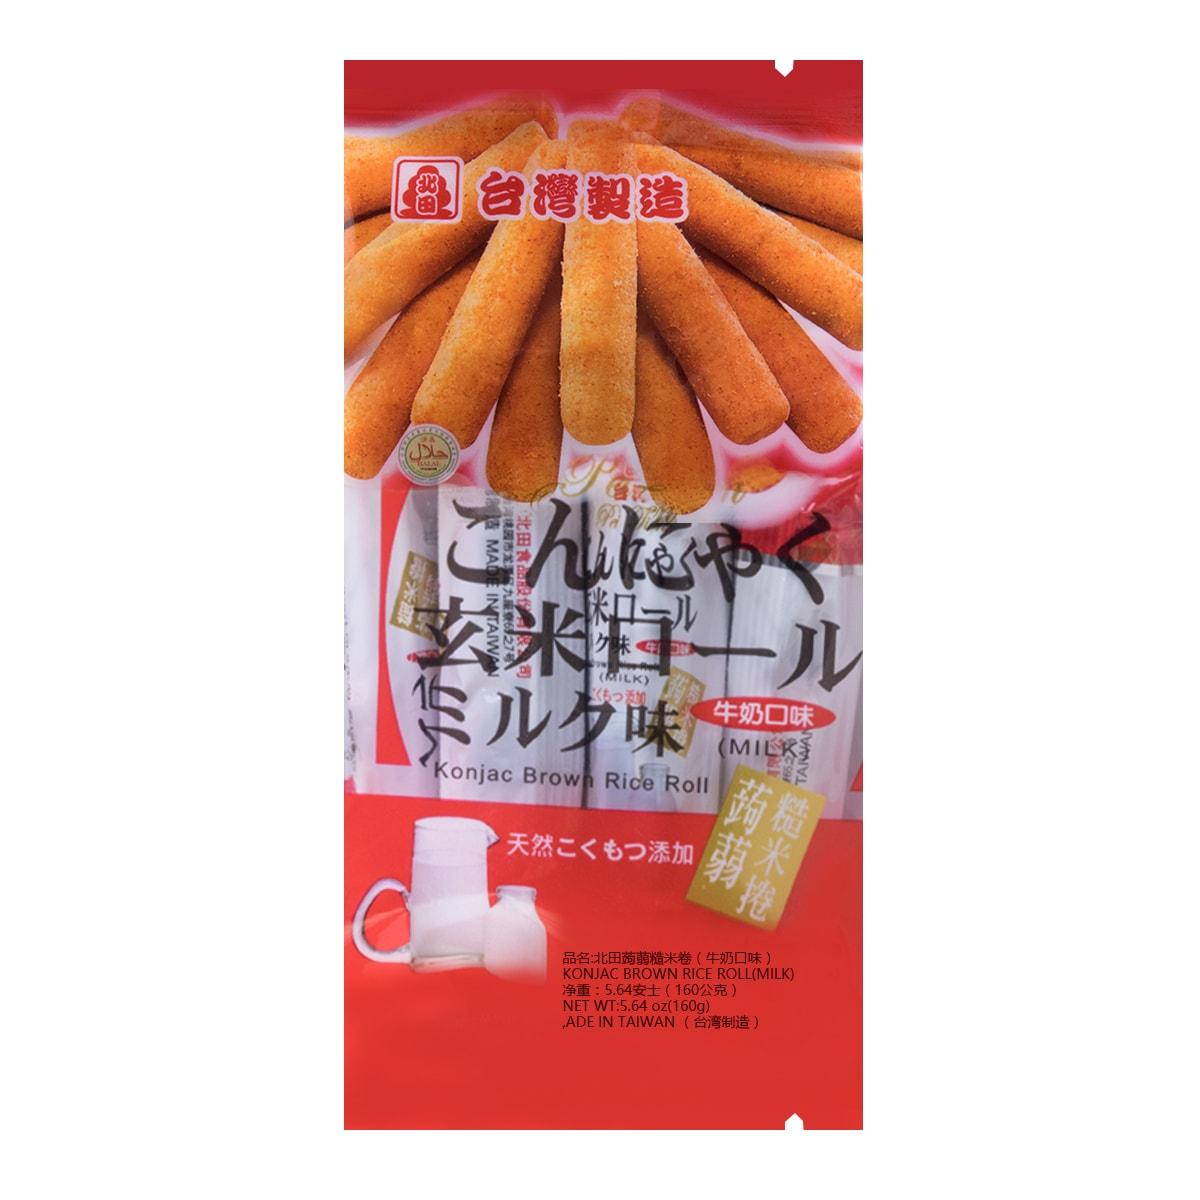 台湾北田 蒟蒻糙米卷 牛奶味 160g